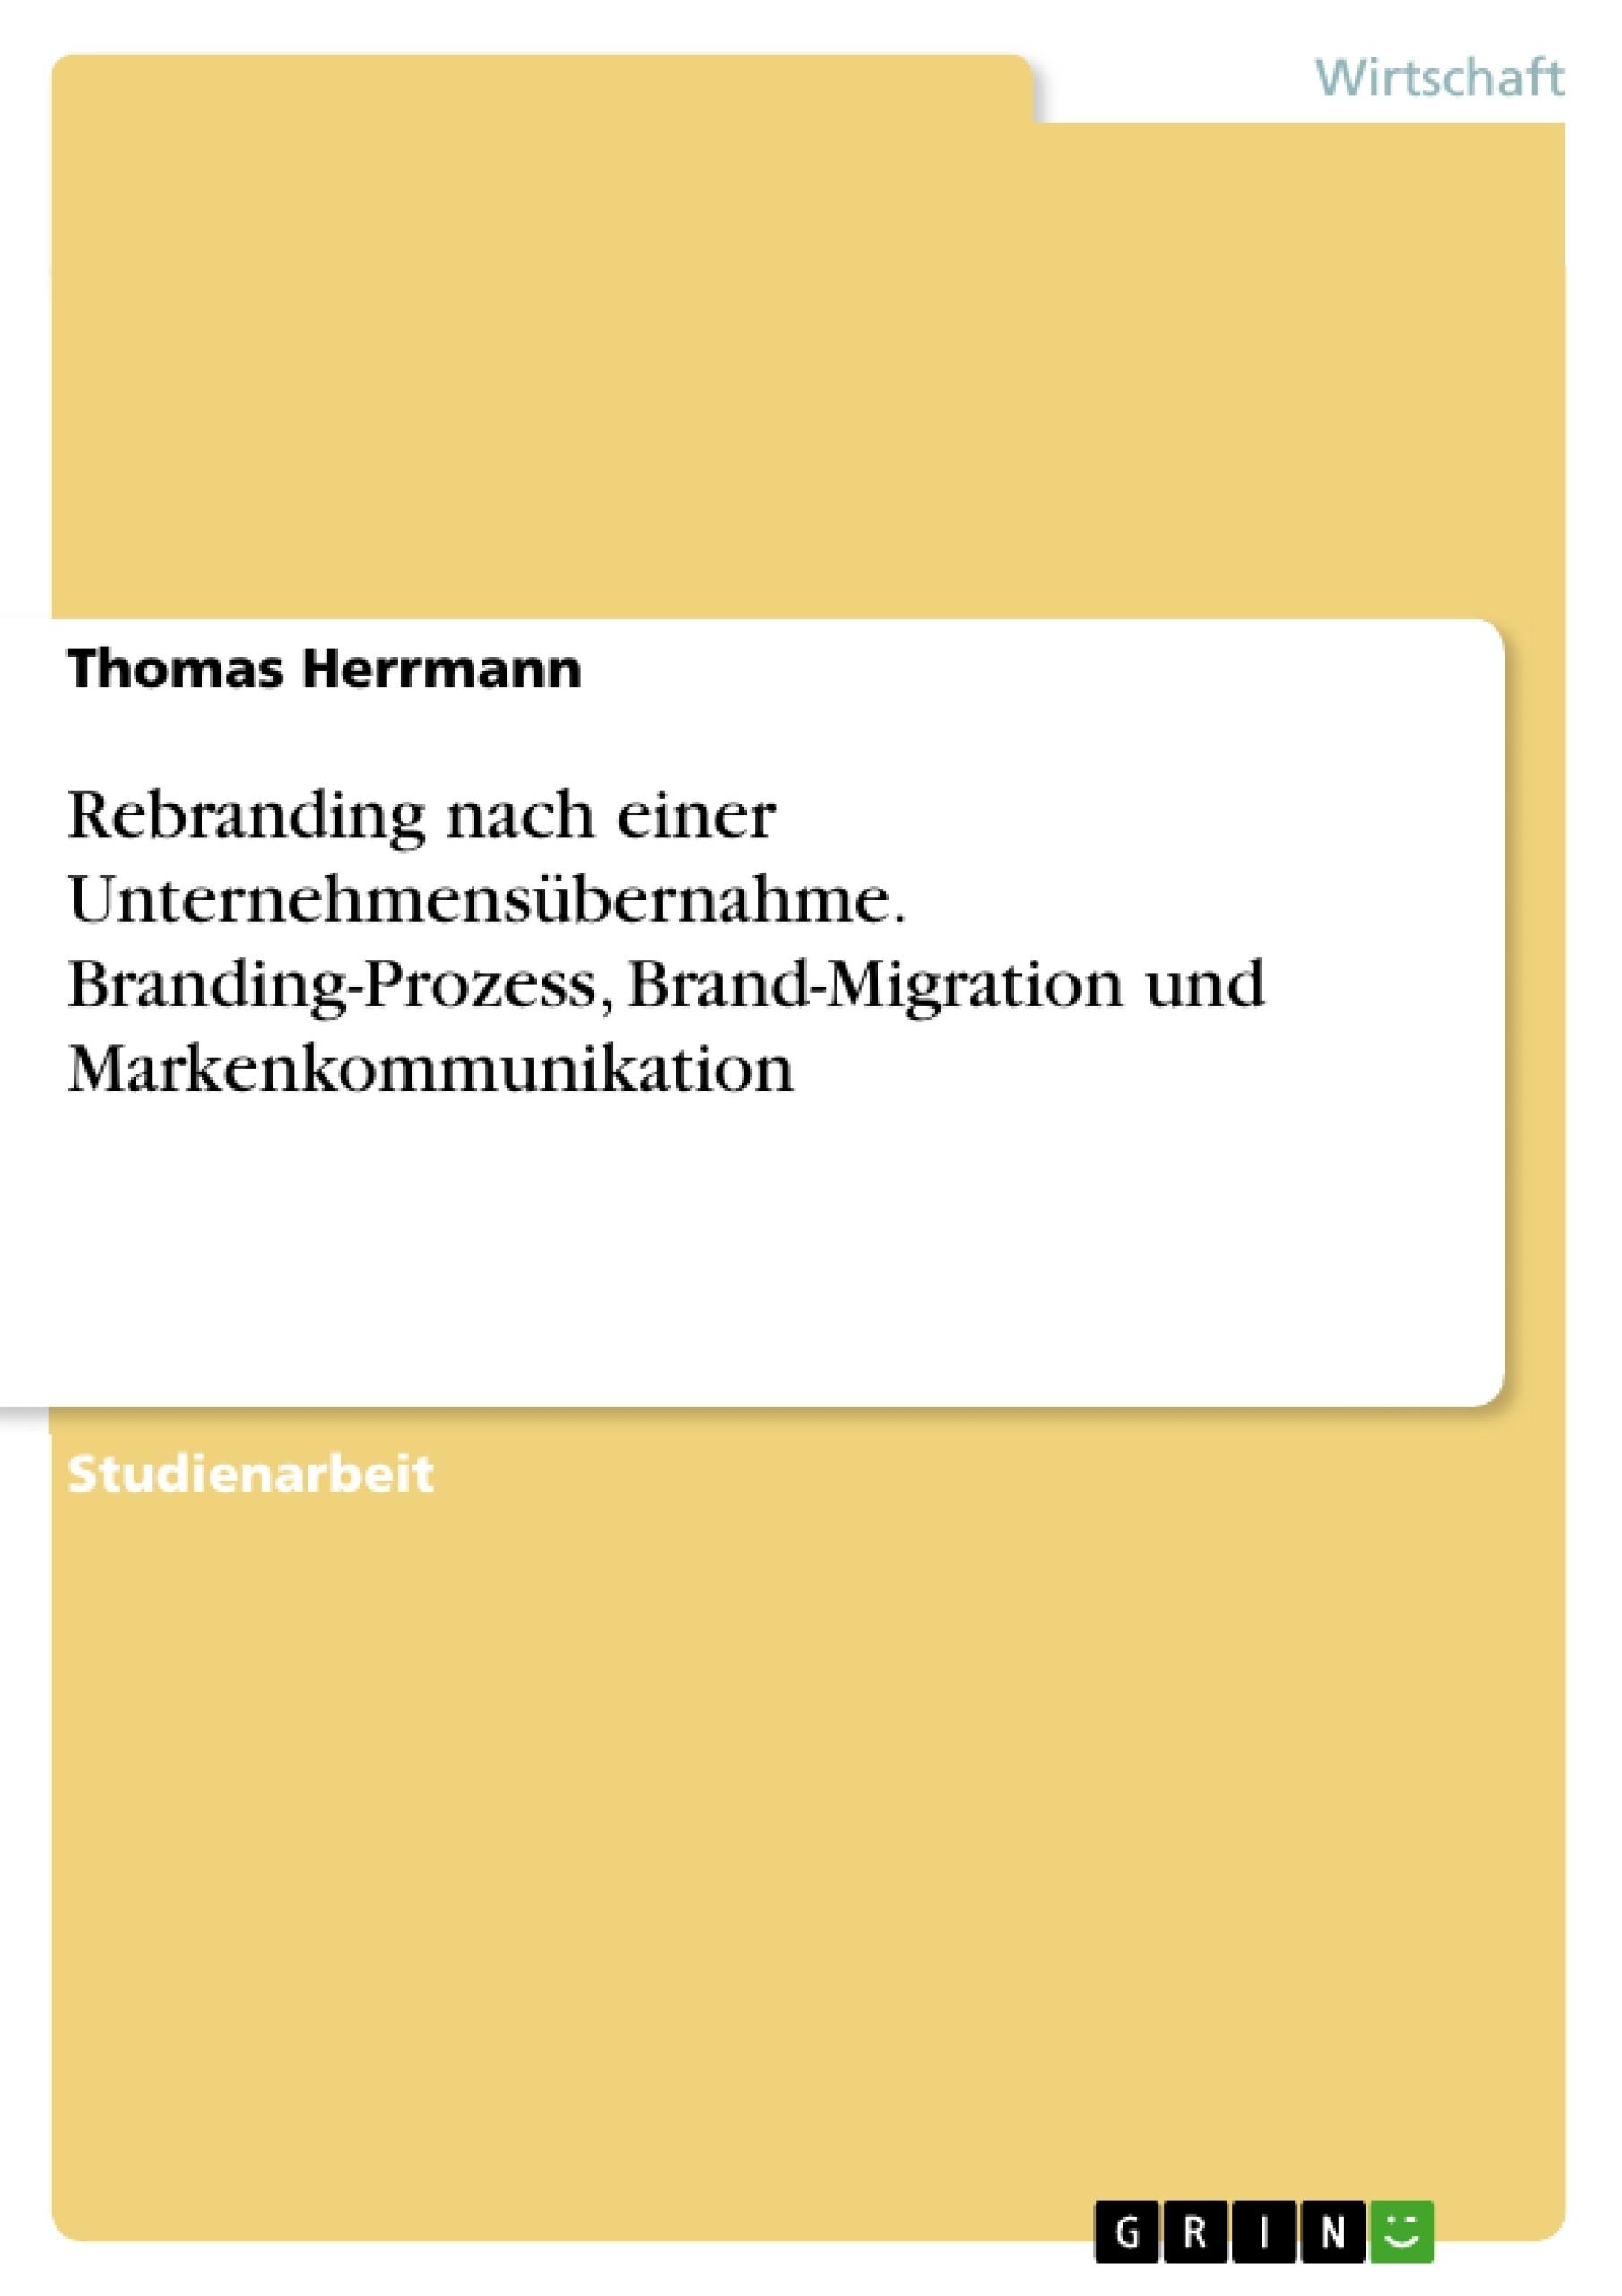 Titel: Rebranding nach einer Unternehmensübernahme. Branding-Prozess, Brand-Migration und Markenkommunikation